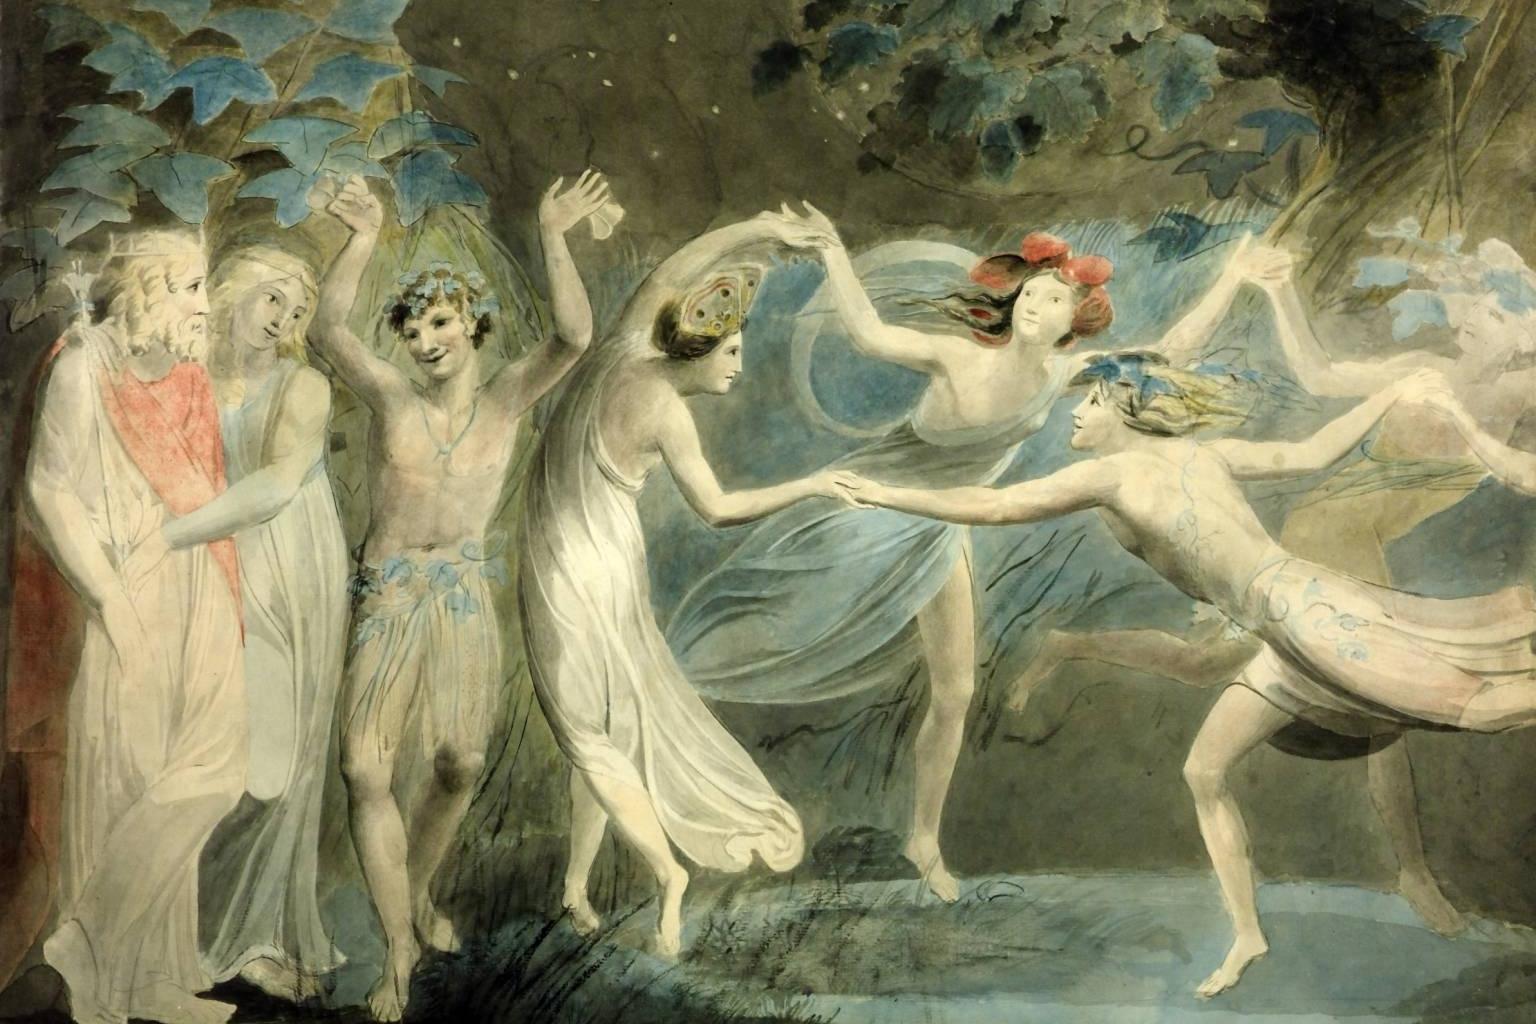 Oberon, Titania and Puck